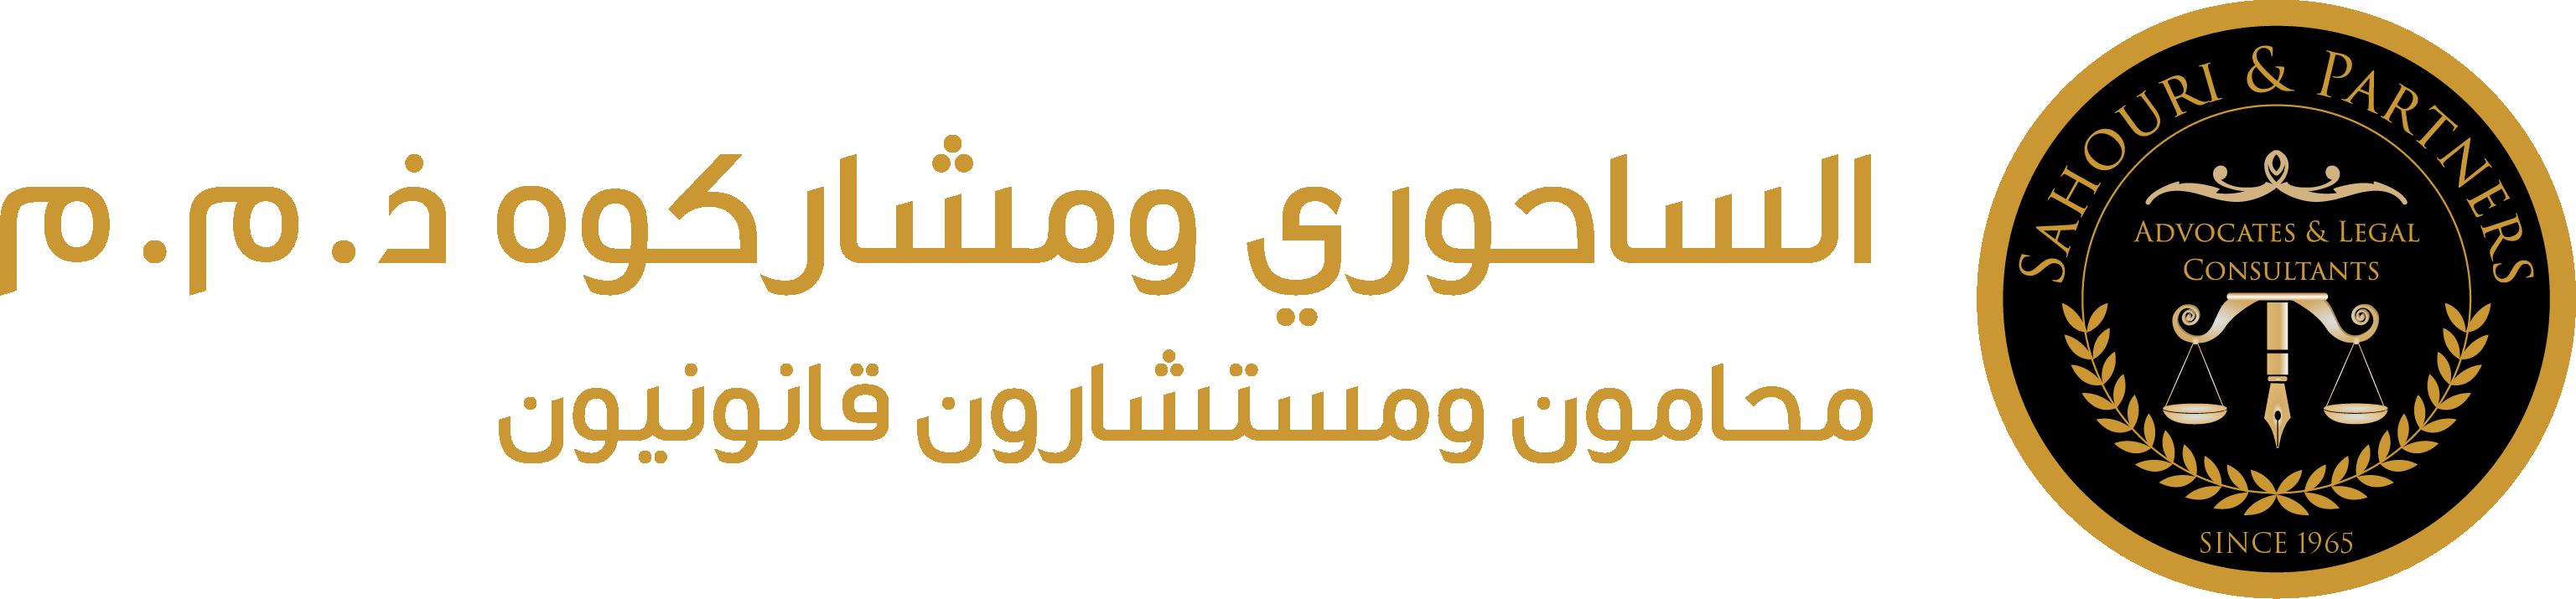 الساحوري وشركائه - الأردن